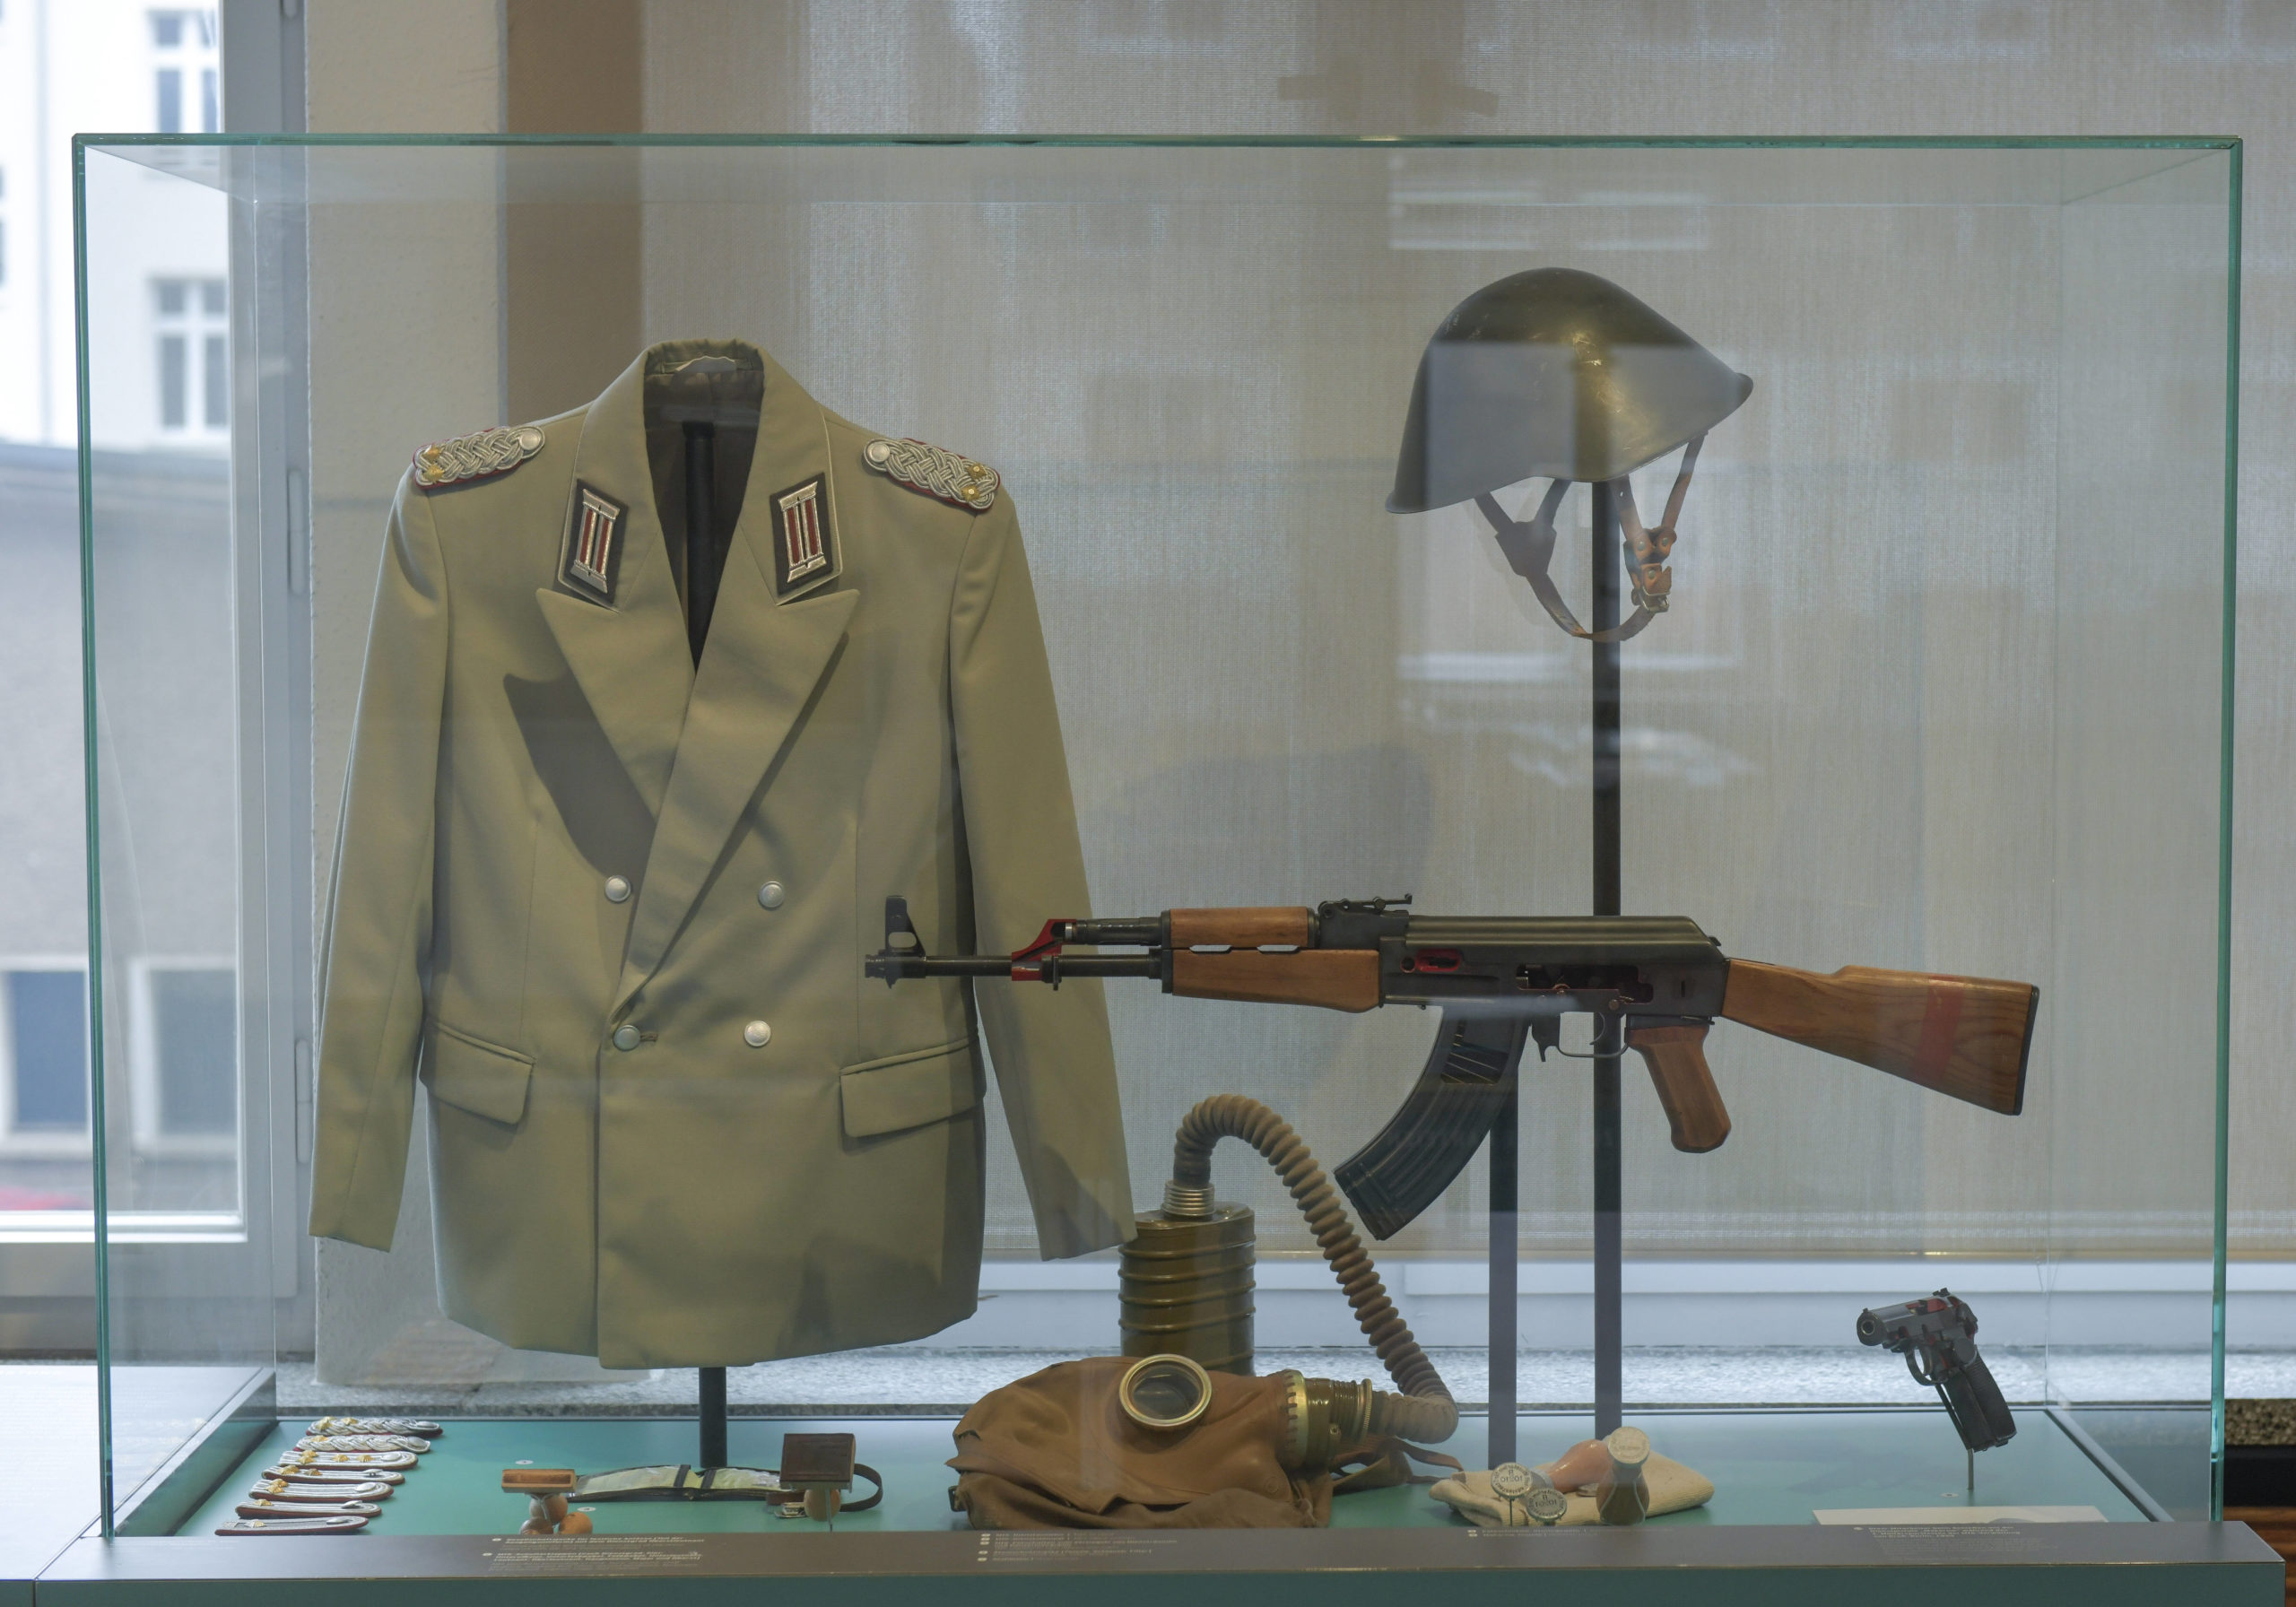 Uniformen, Waffen und andere Ausrüstungsgegenstände der Stasi kann man im Stasimuseum besichtigen. Foto: Imago/Schöning